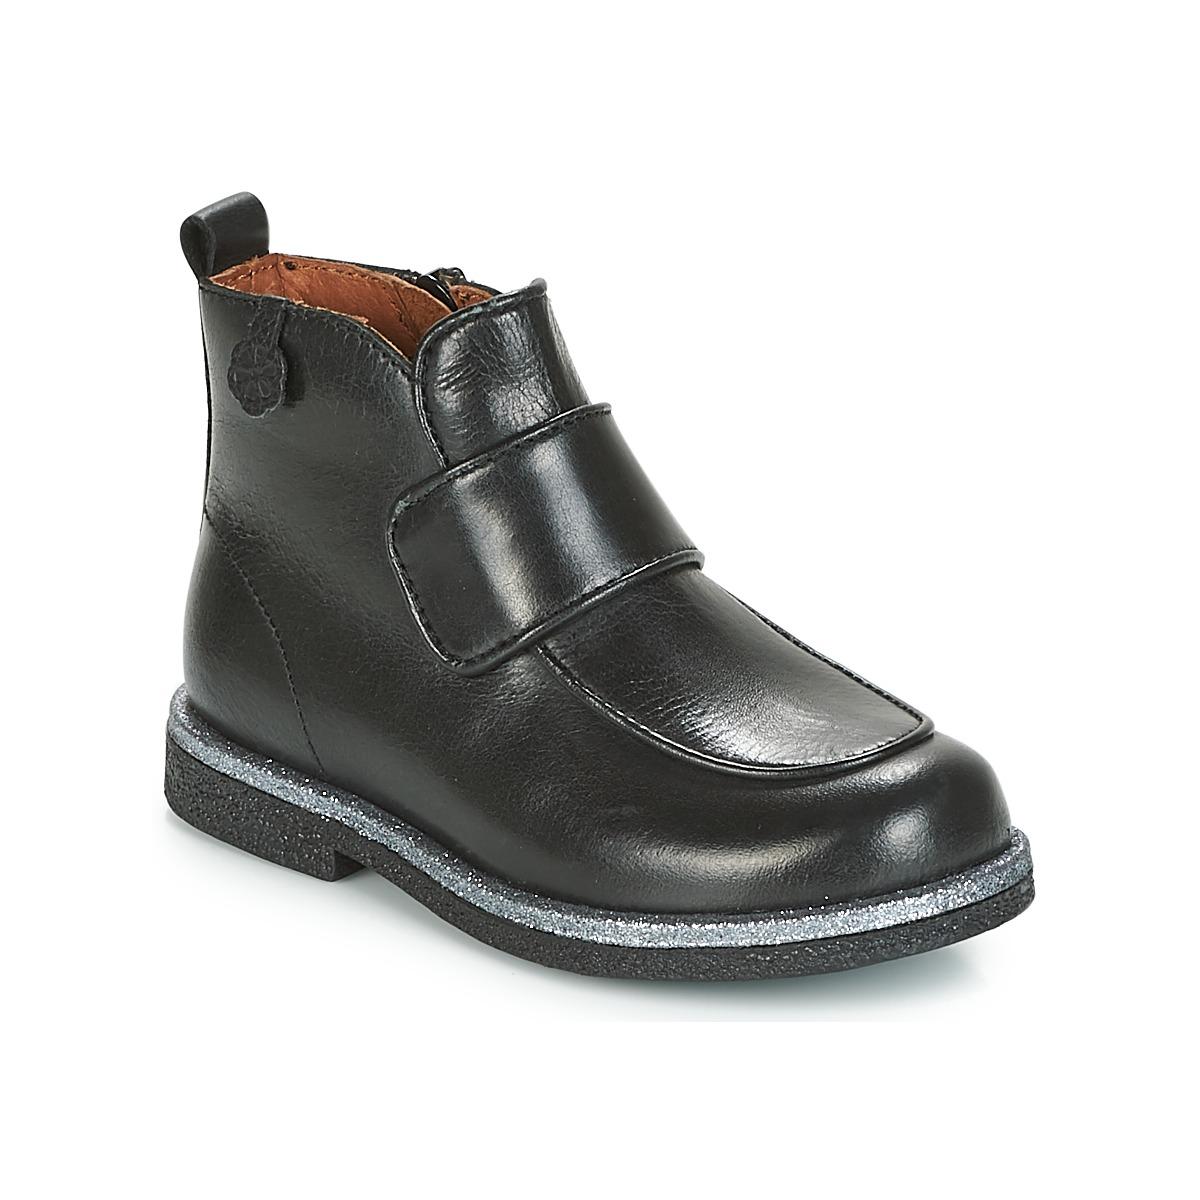 Støvler til børn Aster  EVA